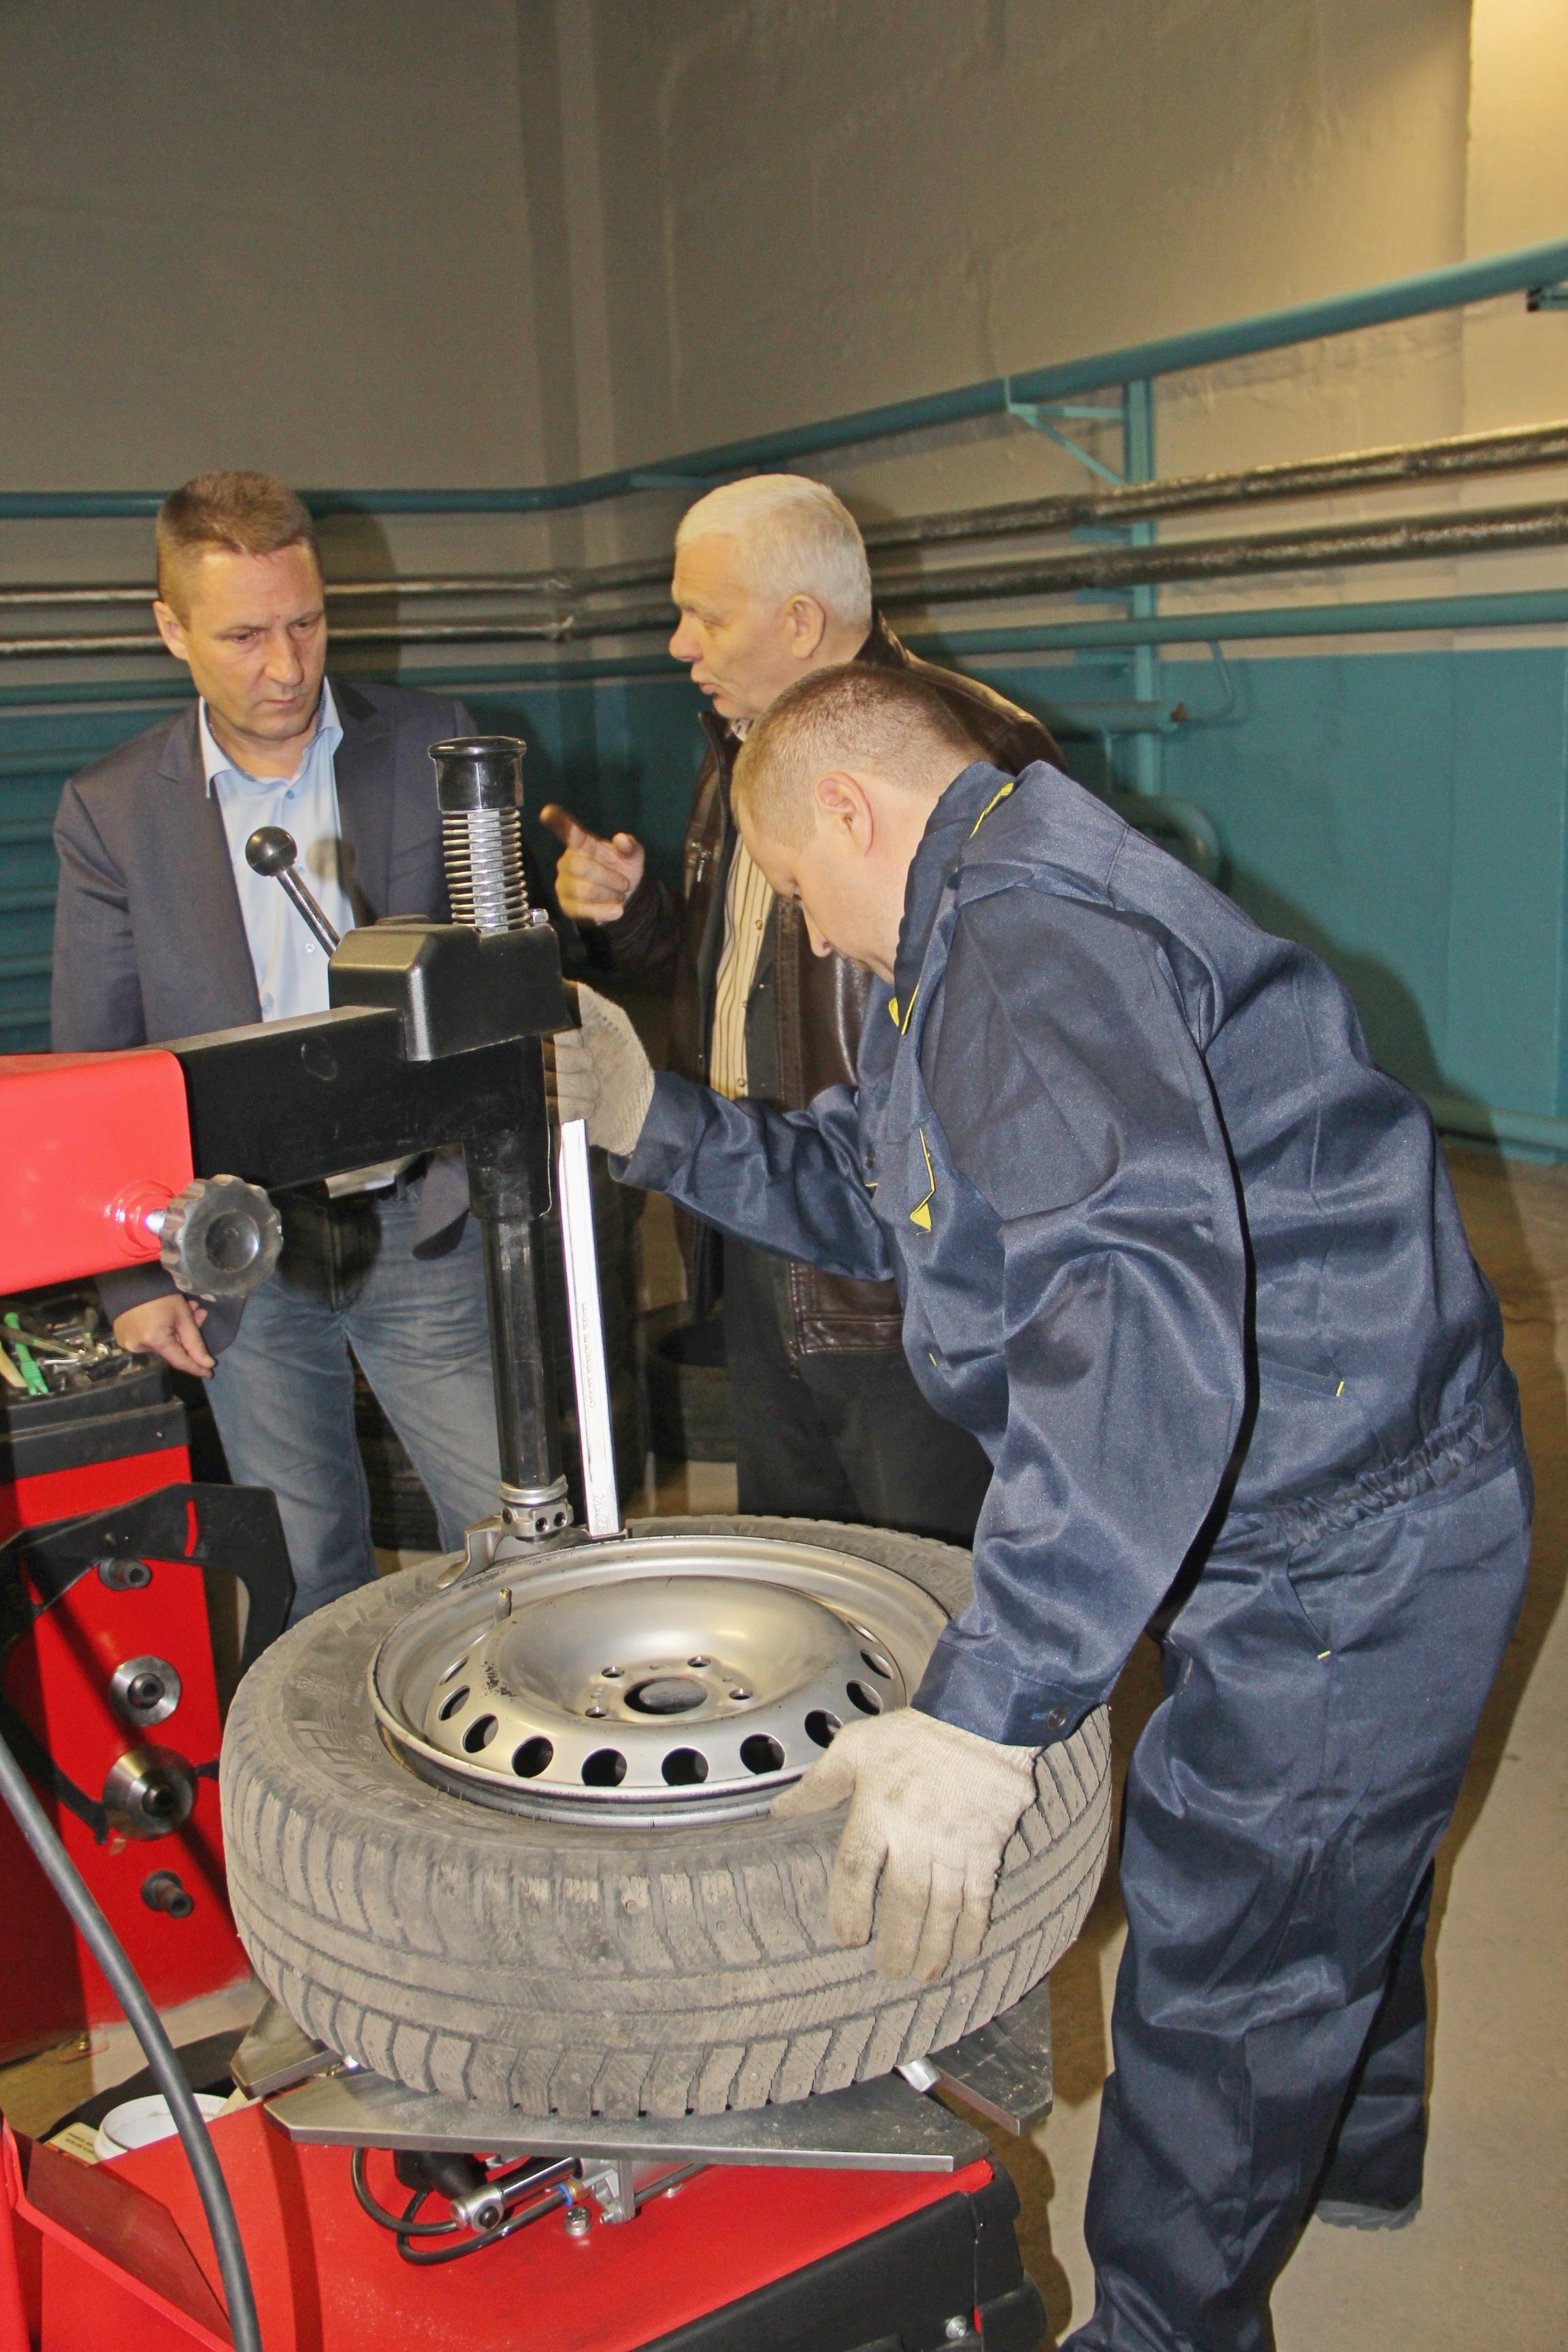 «КрасКом» приобрел для автотранспортного цеха шиномонтажное оборудование. Даже с учетом его 100-процентной загрузки всего три месяца в год экономия от «переобувки» техники превысит 400 тысяч рублей.